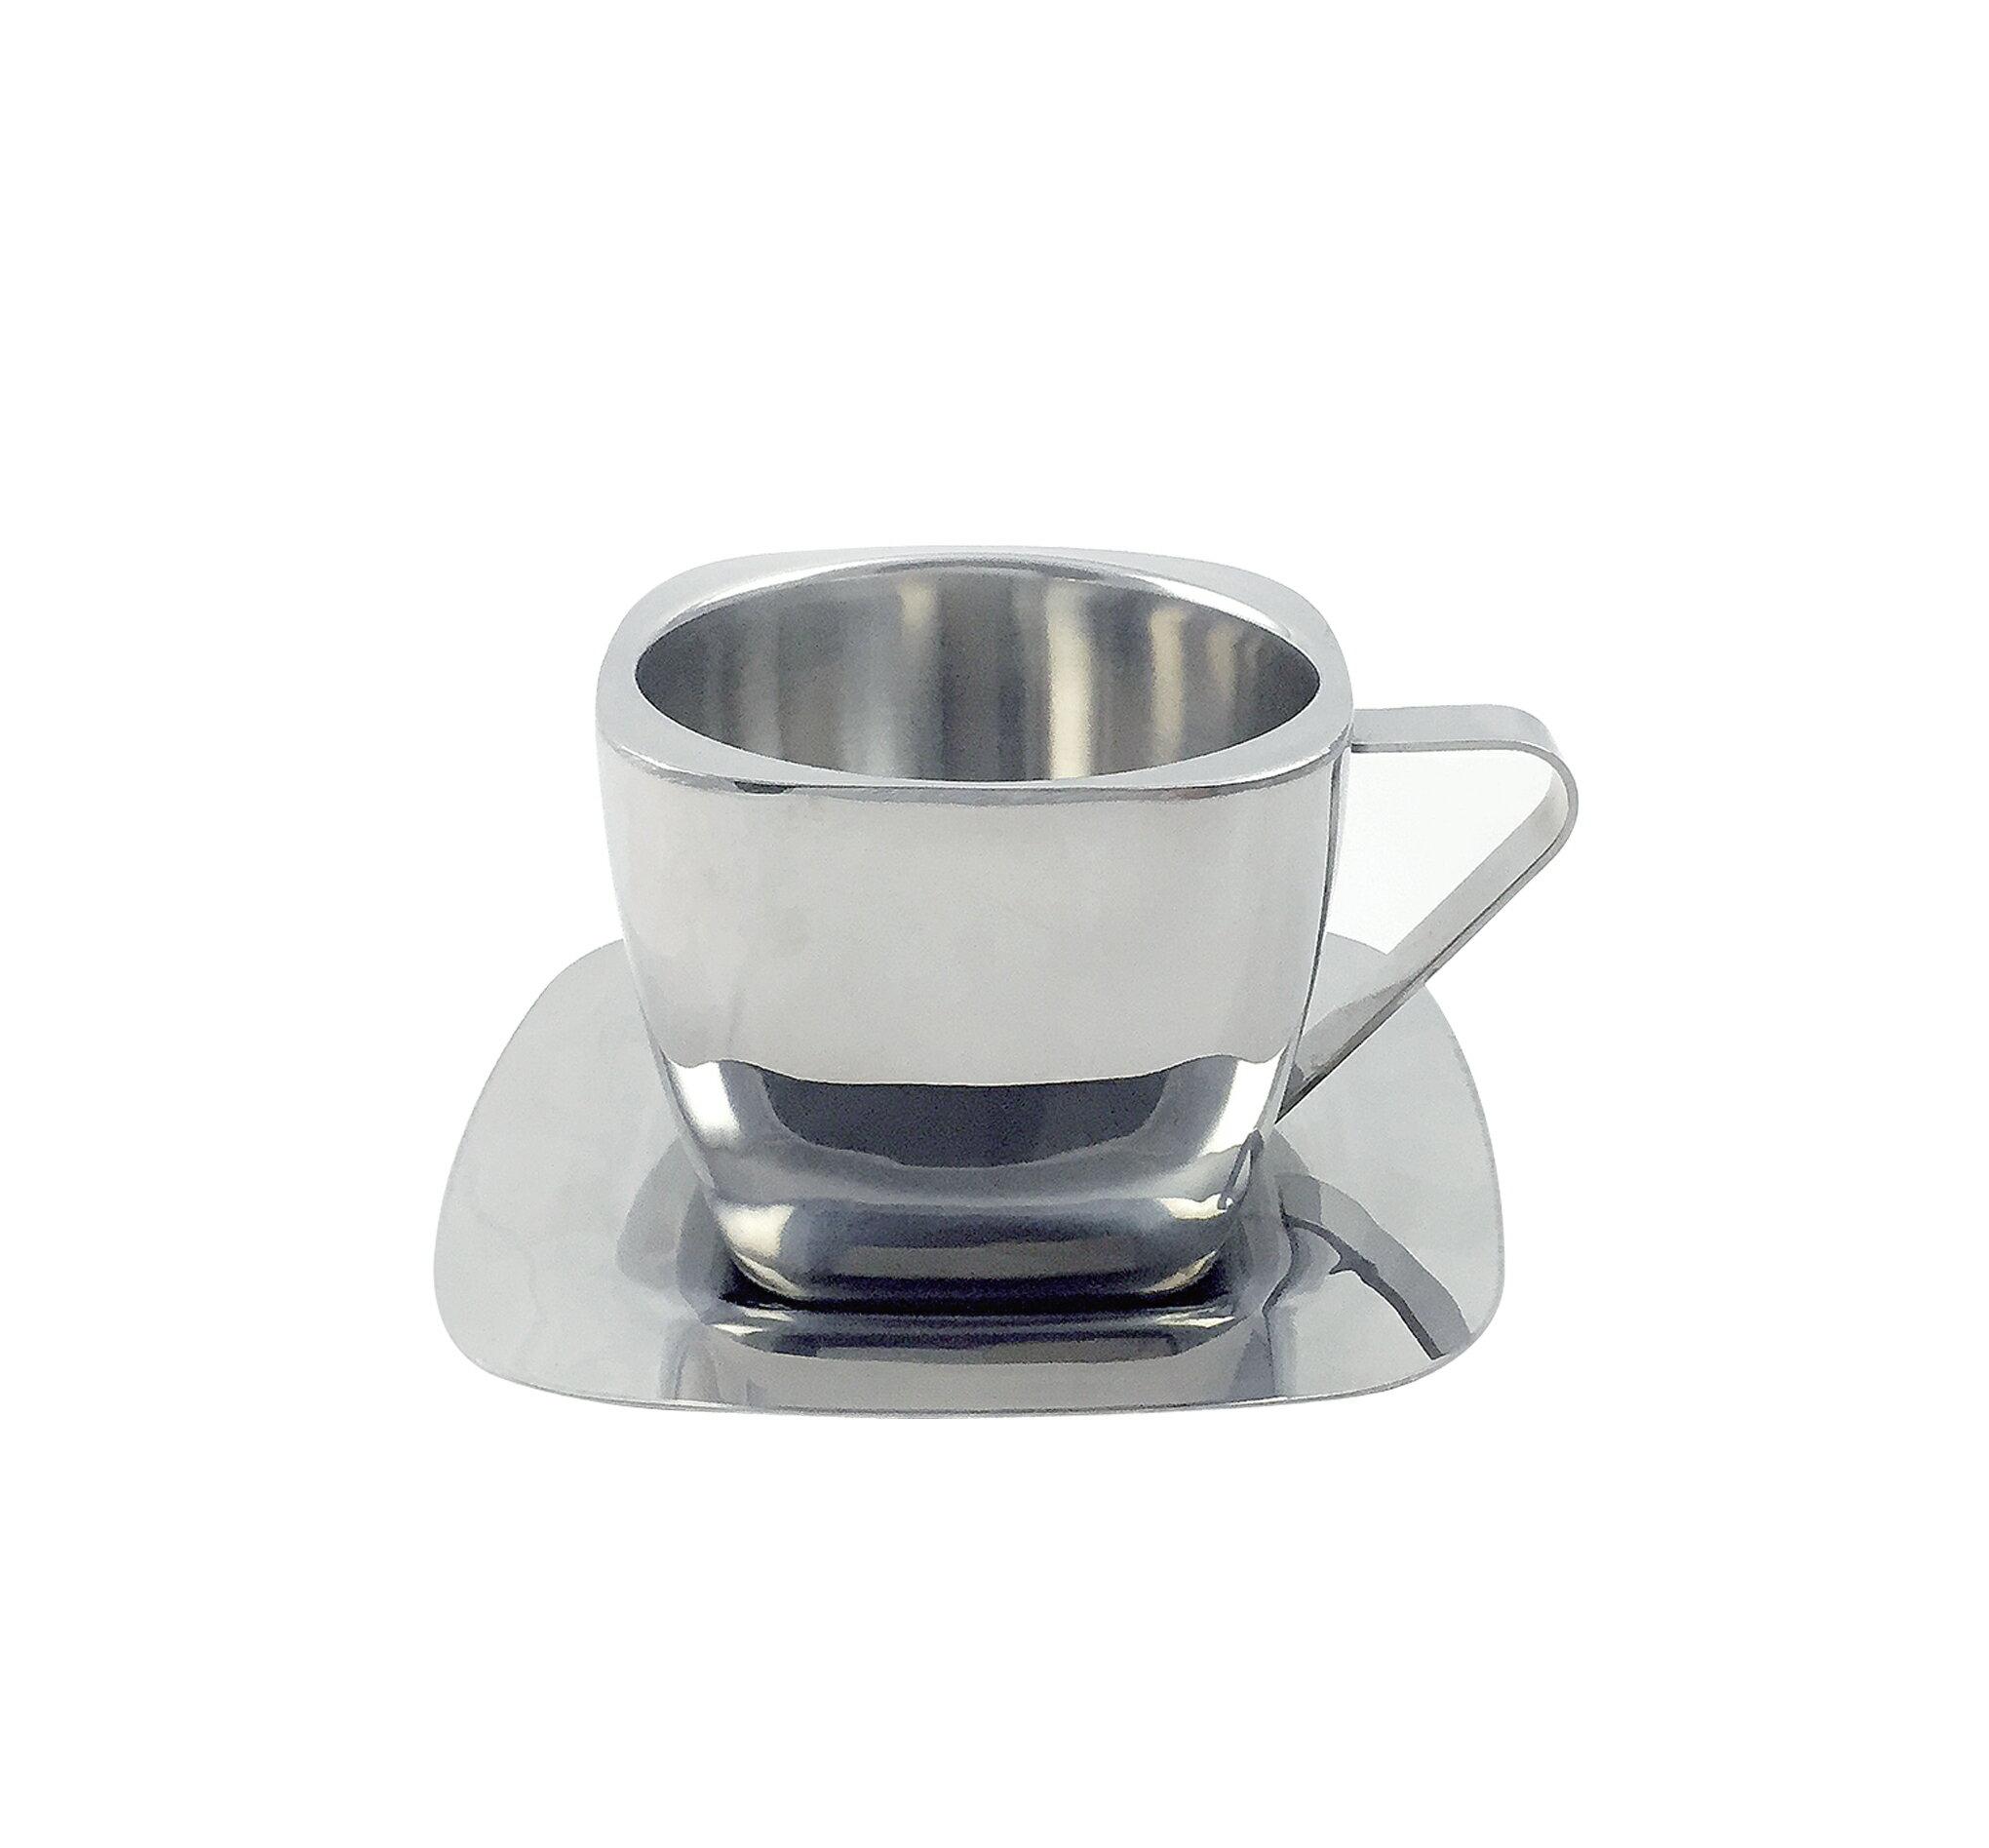 方塊咖啡杯 - 限時優惠好康折扣